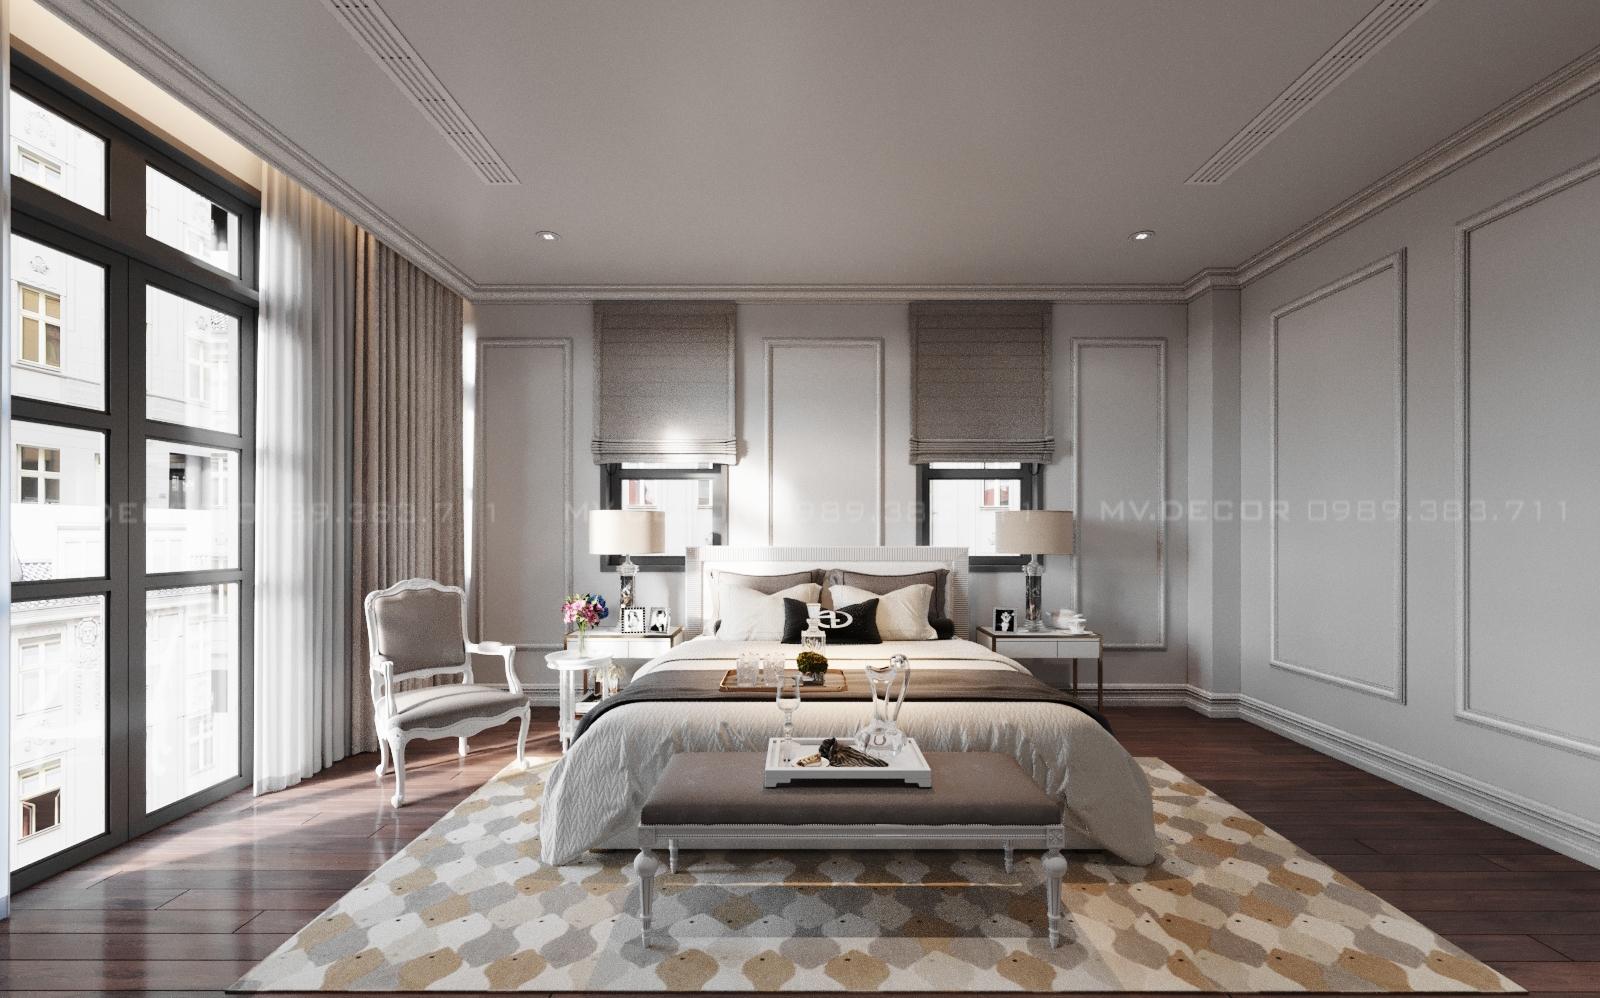 thiết kế nội thất Biệt Thự tại Hải Phòng BT VENICE 6-26 17 1564932017